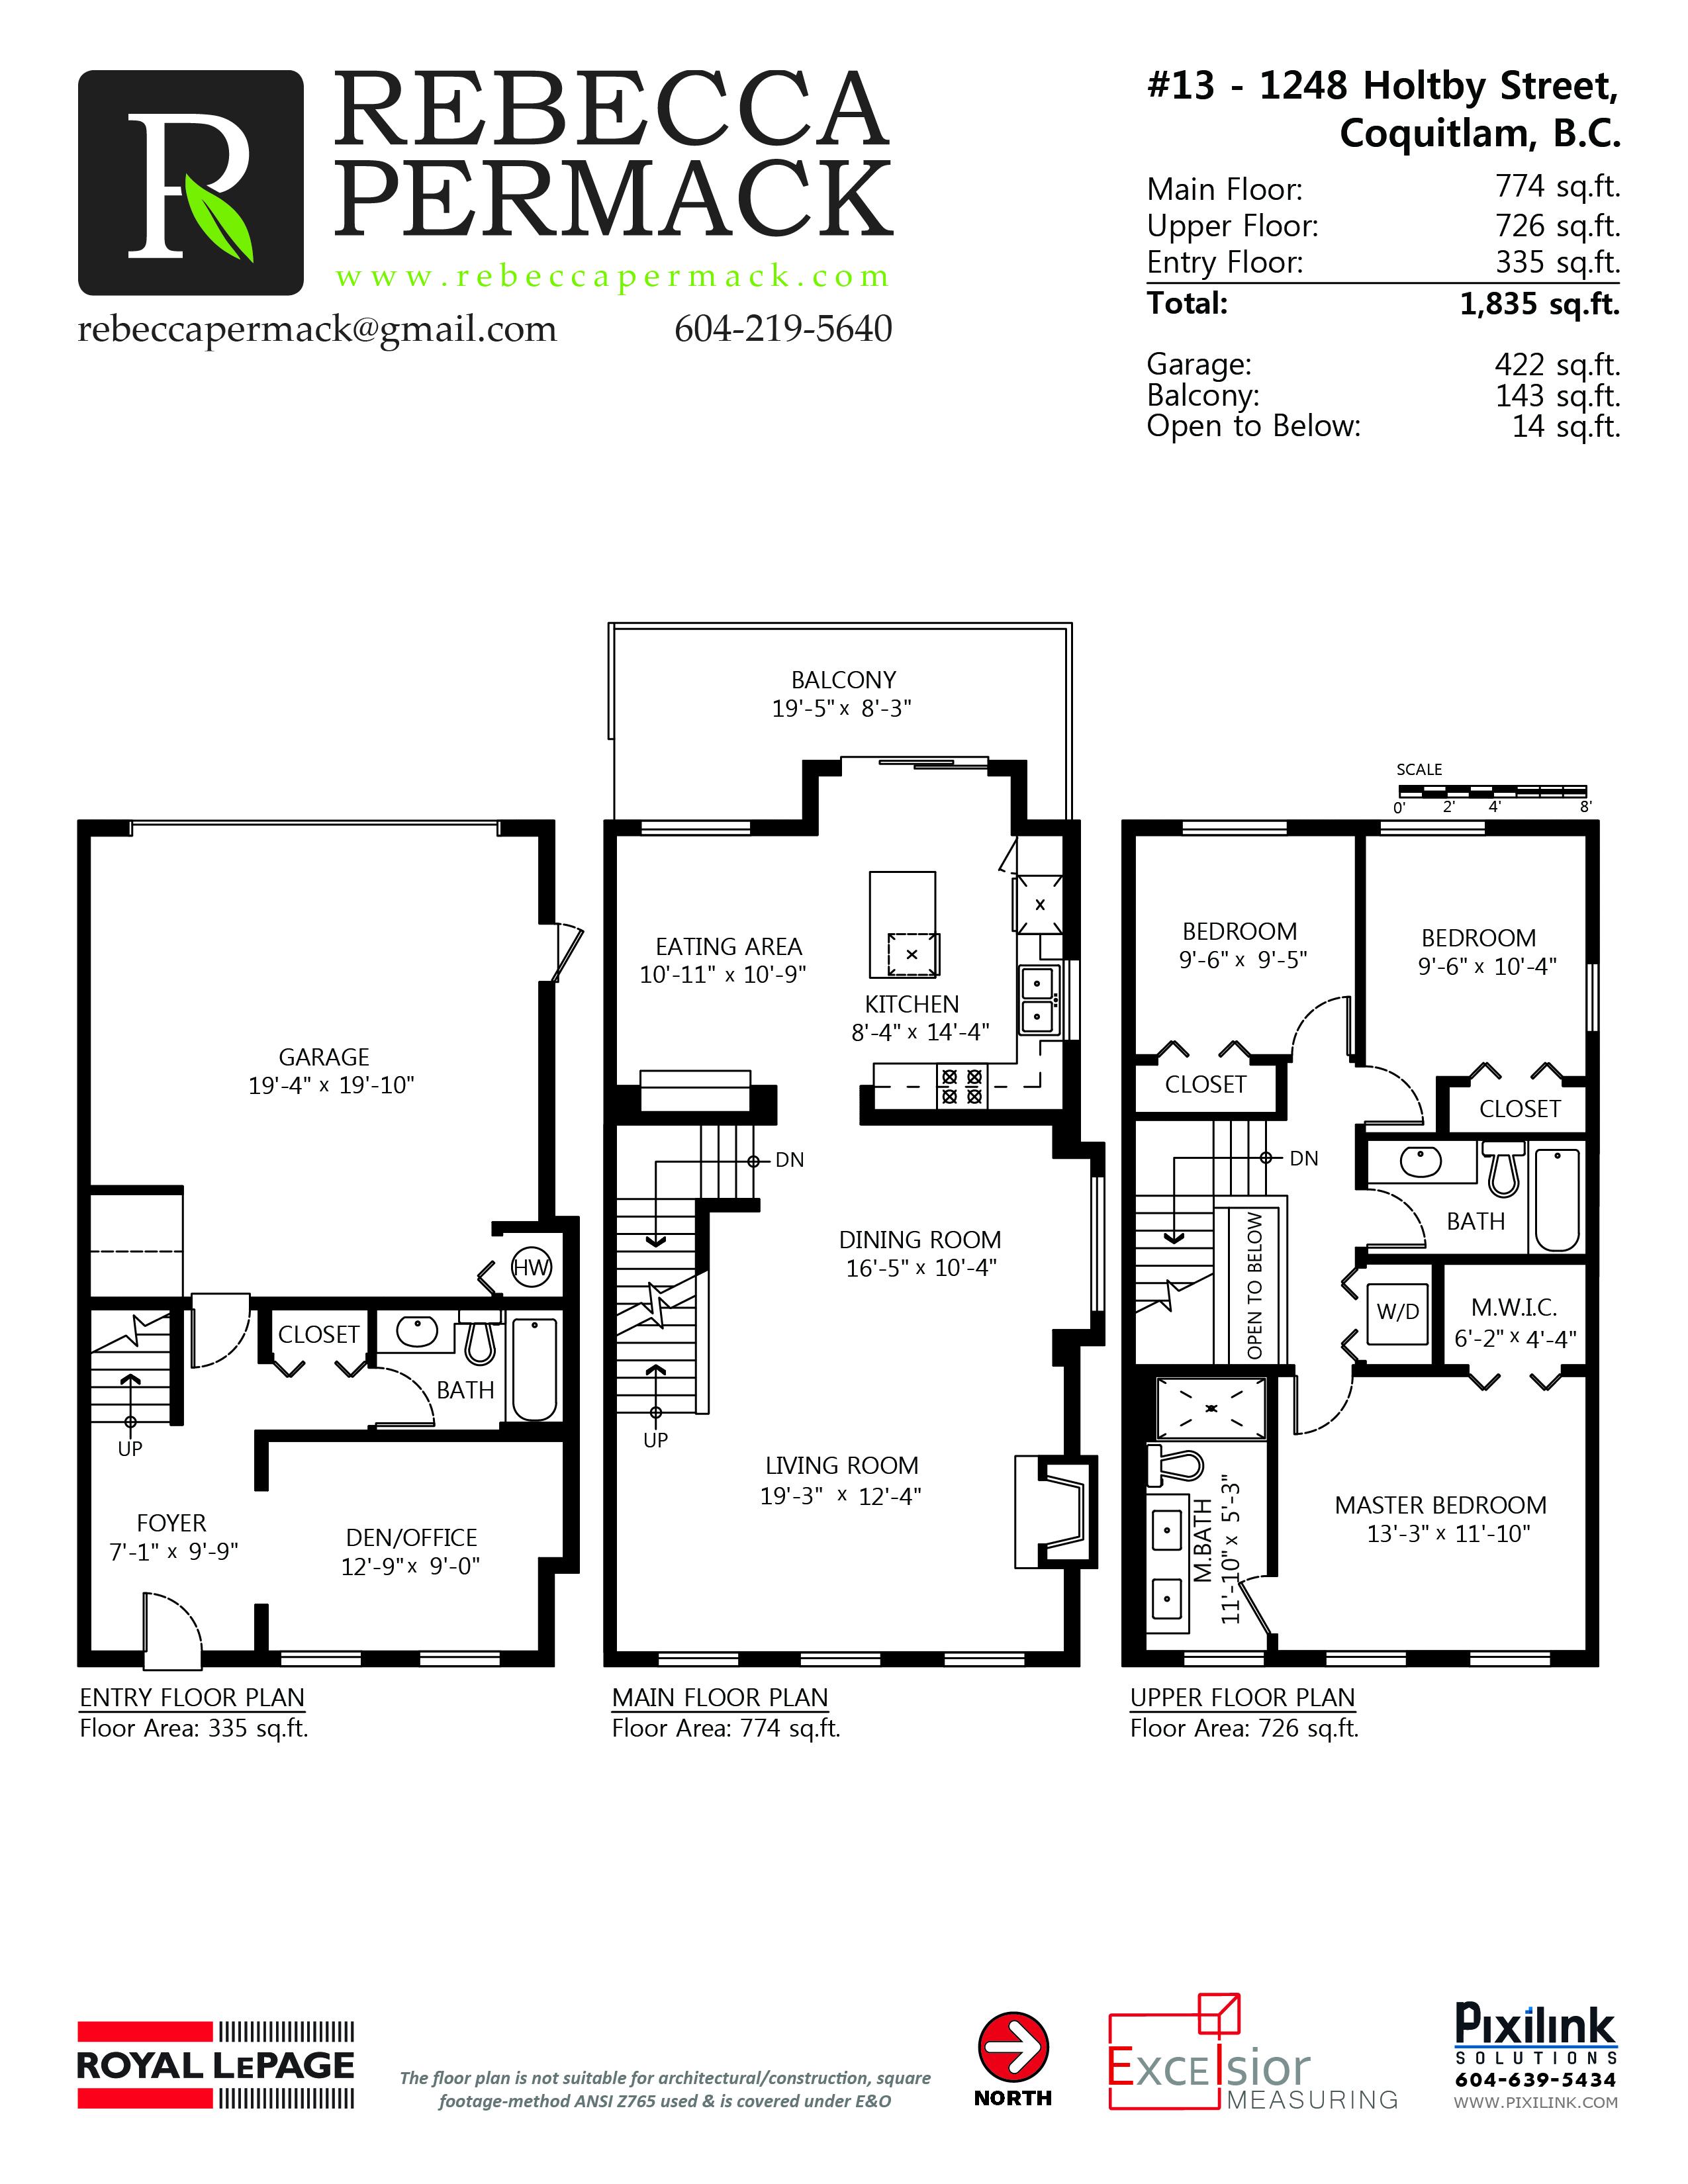 13-1248 Holtby - Floorplan